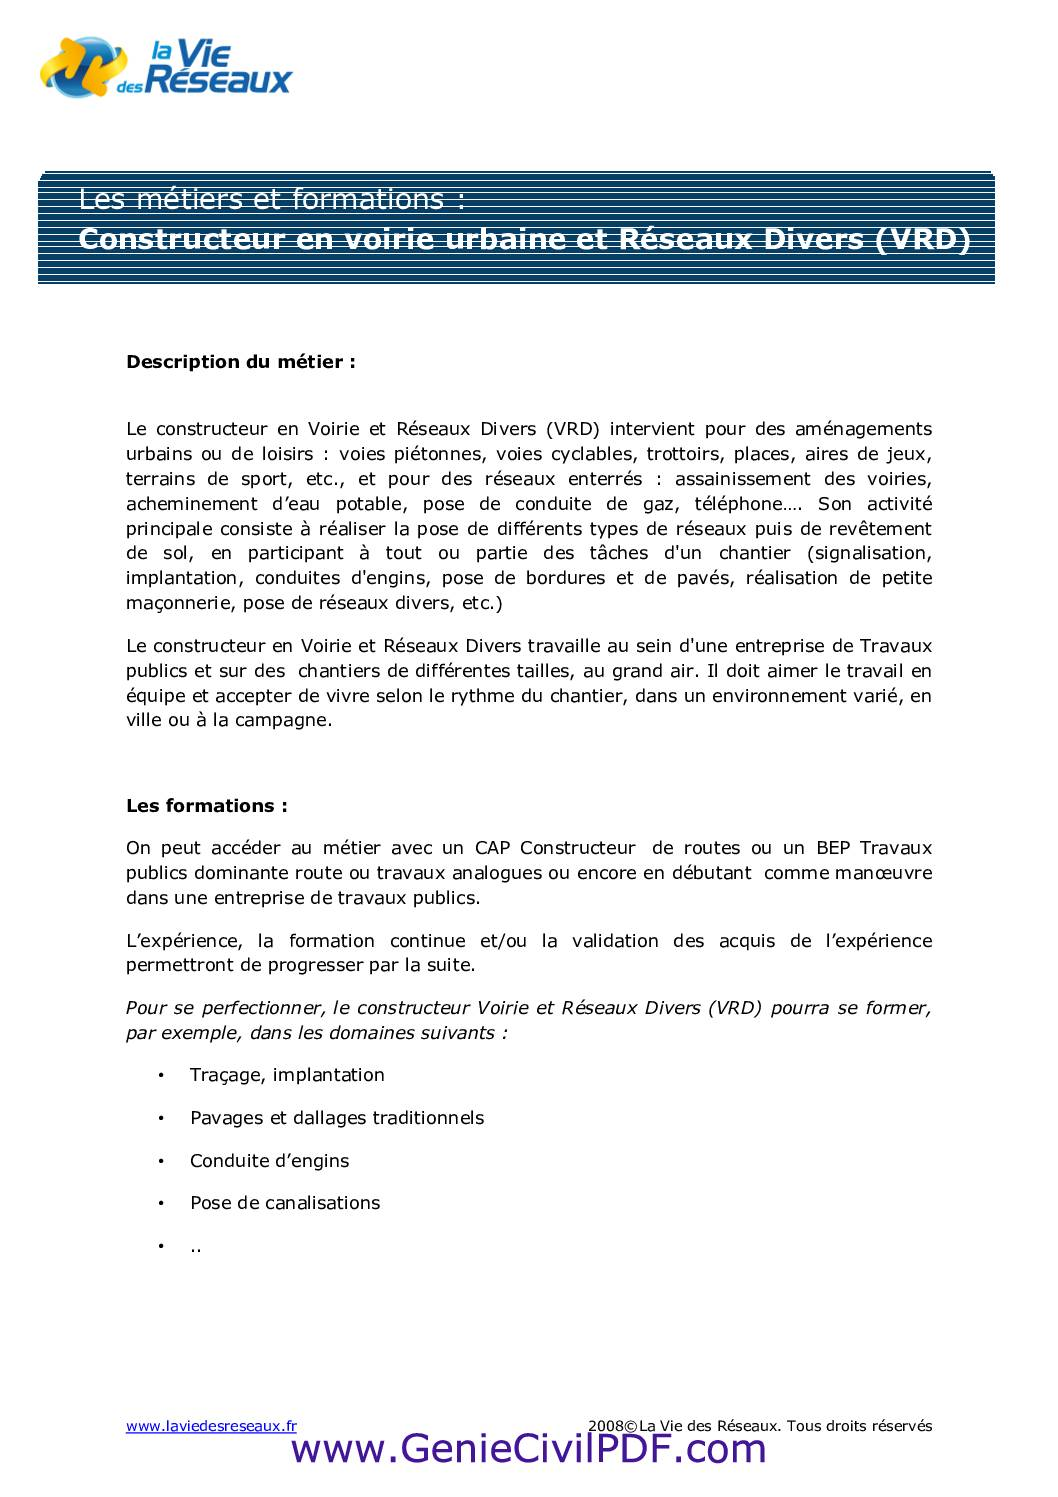 Constructeur en voirie urbaine et VRD